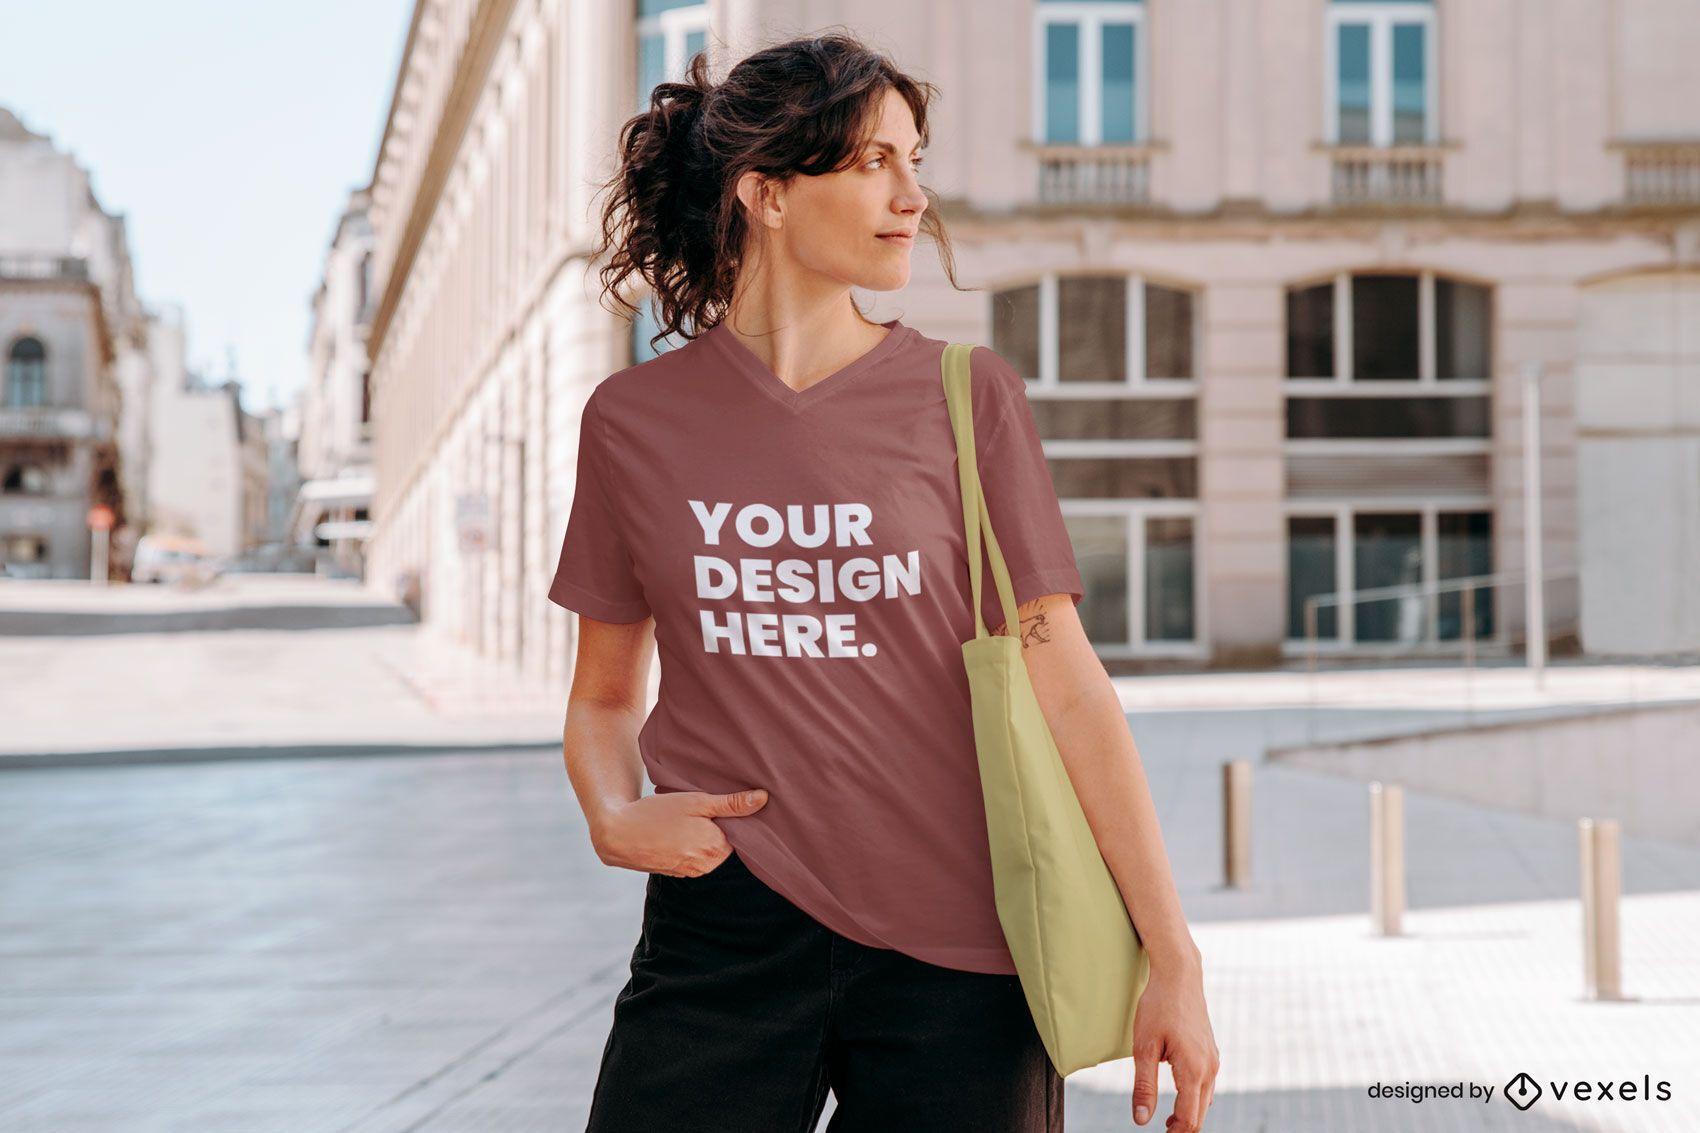 Modell Straße T-Shirt Modell